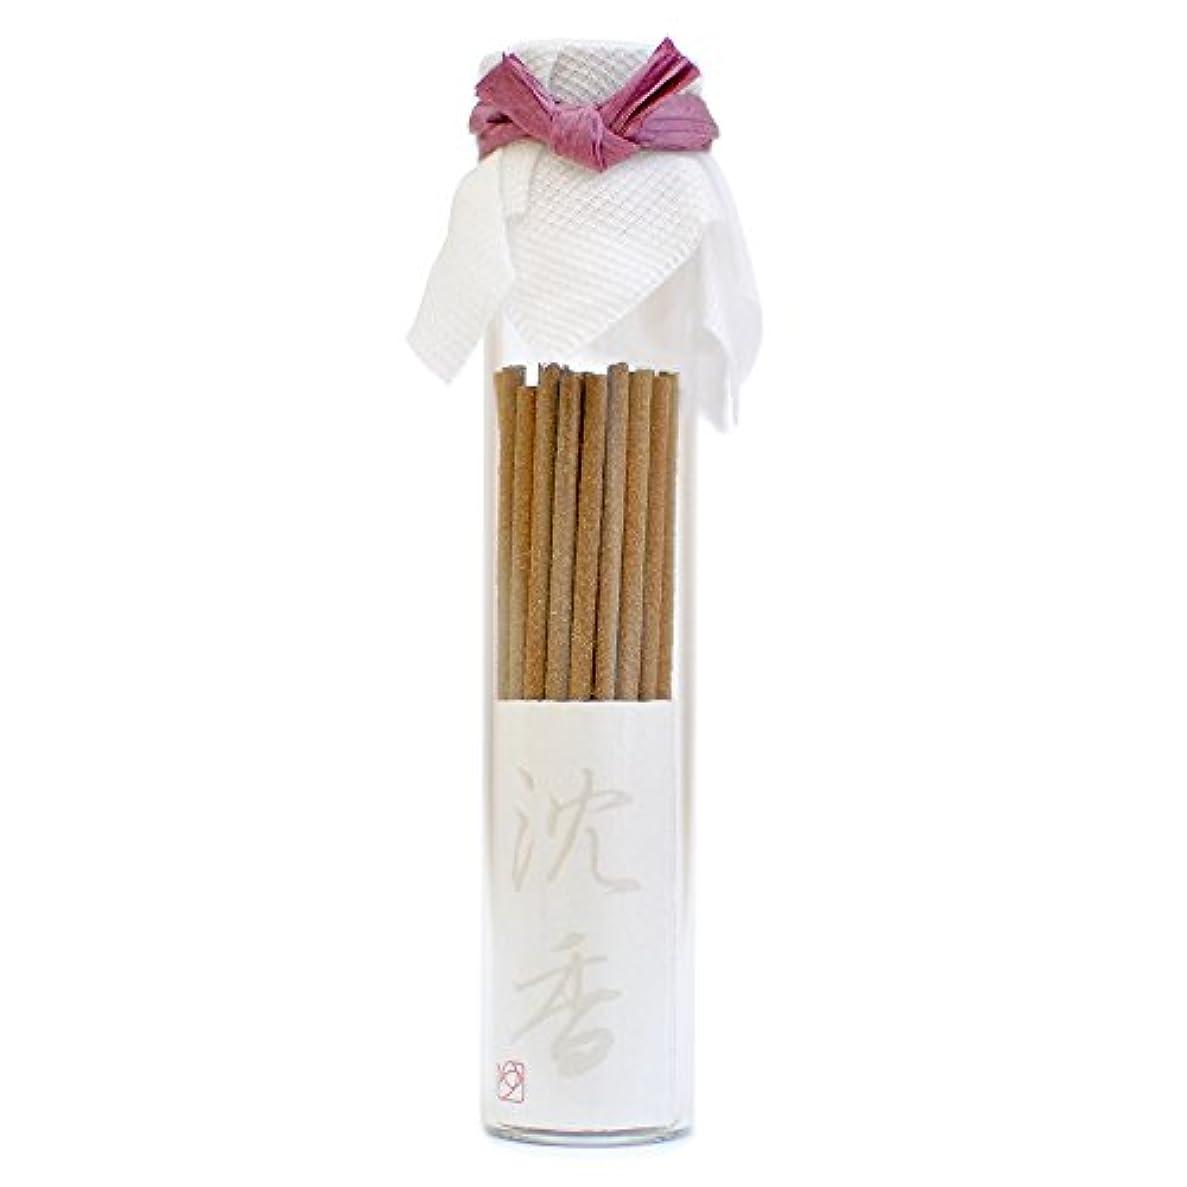 安定しましたアラブ人非公式悠々庵 天然香木のお香 ガラスビン 沈香